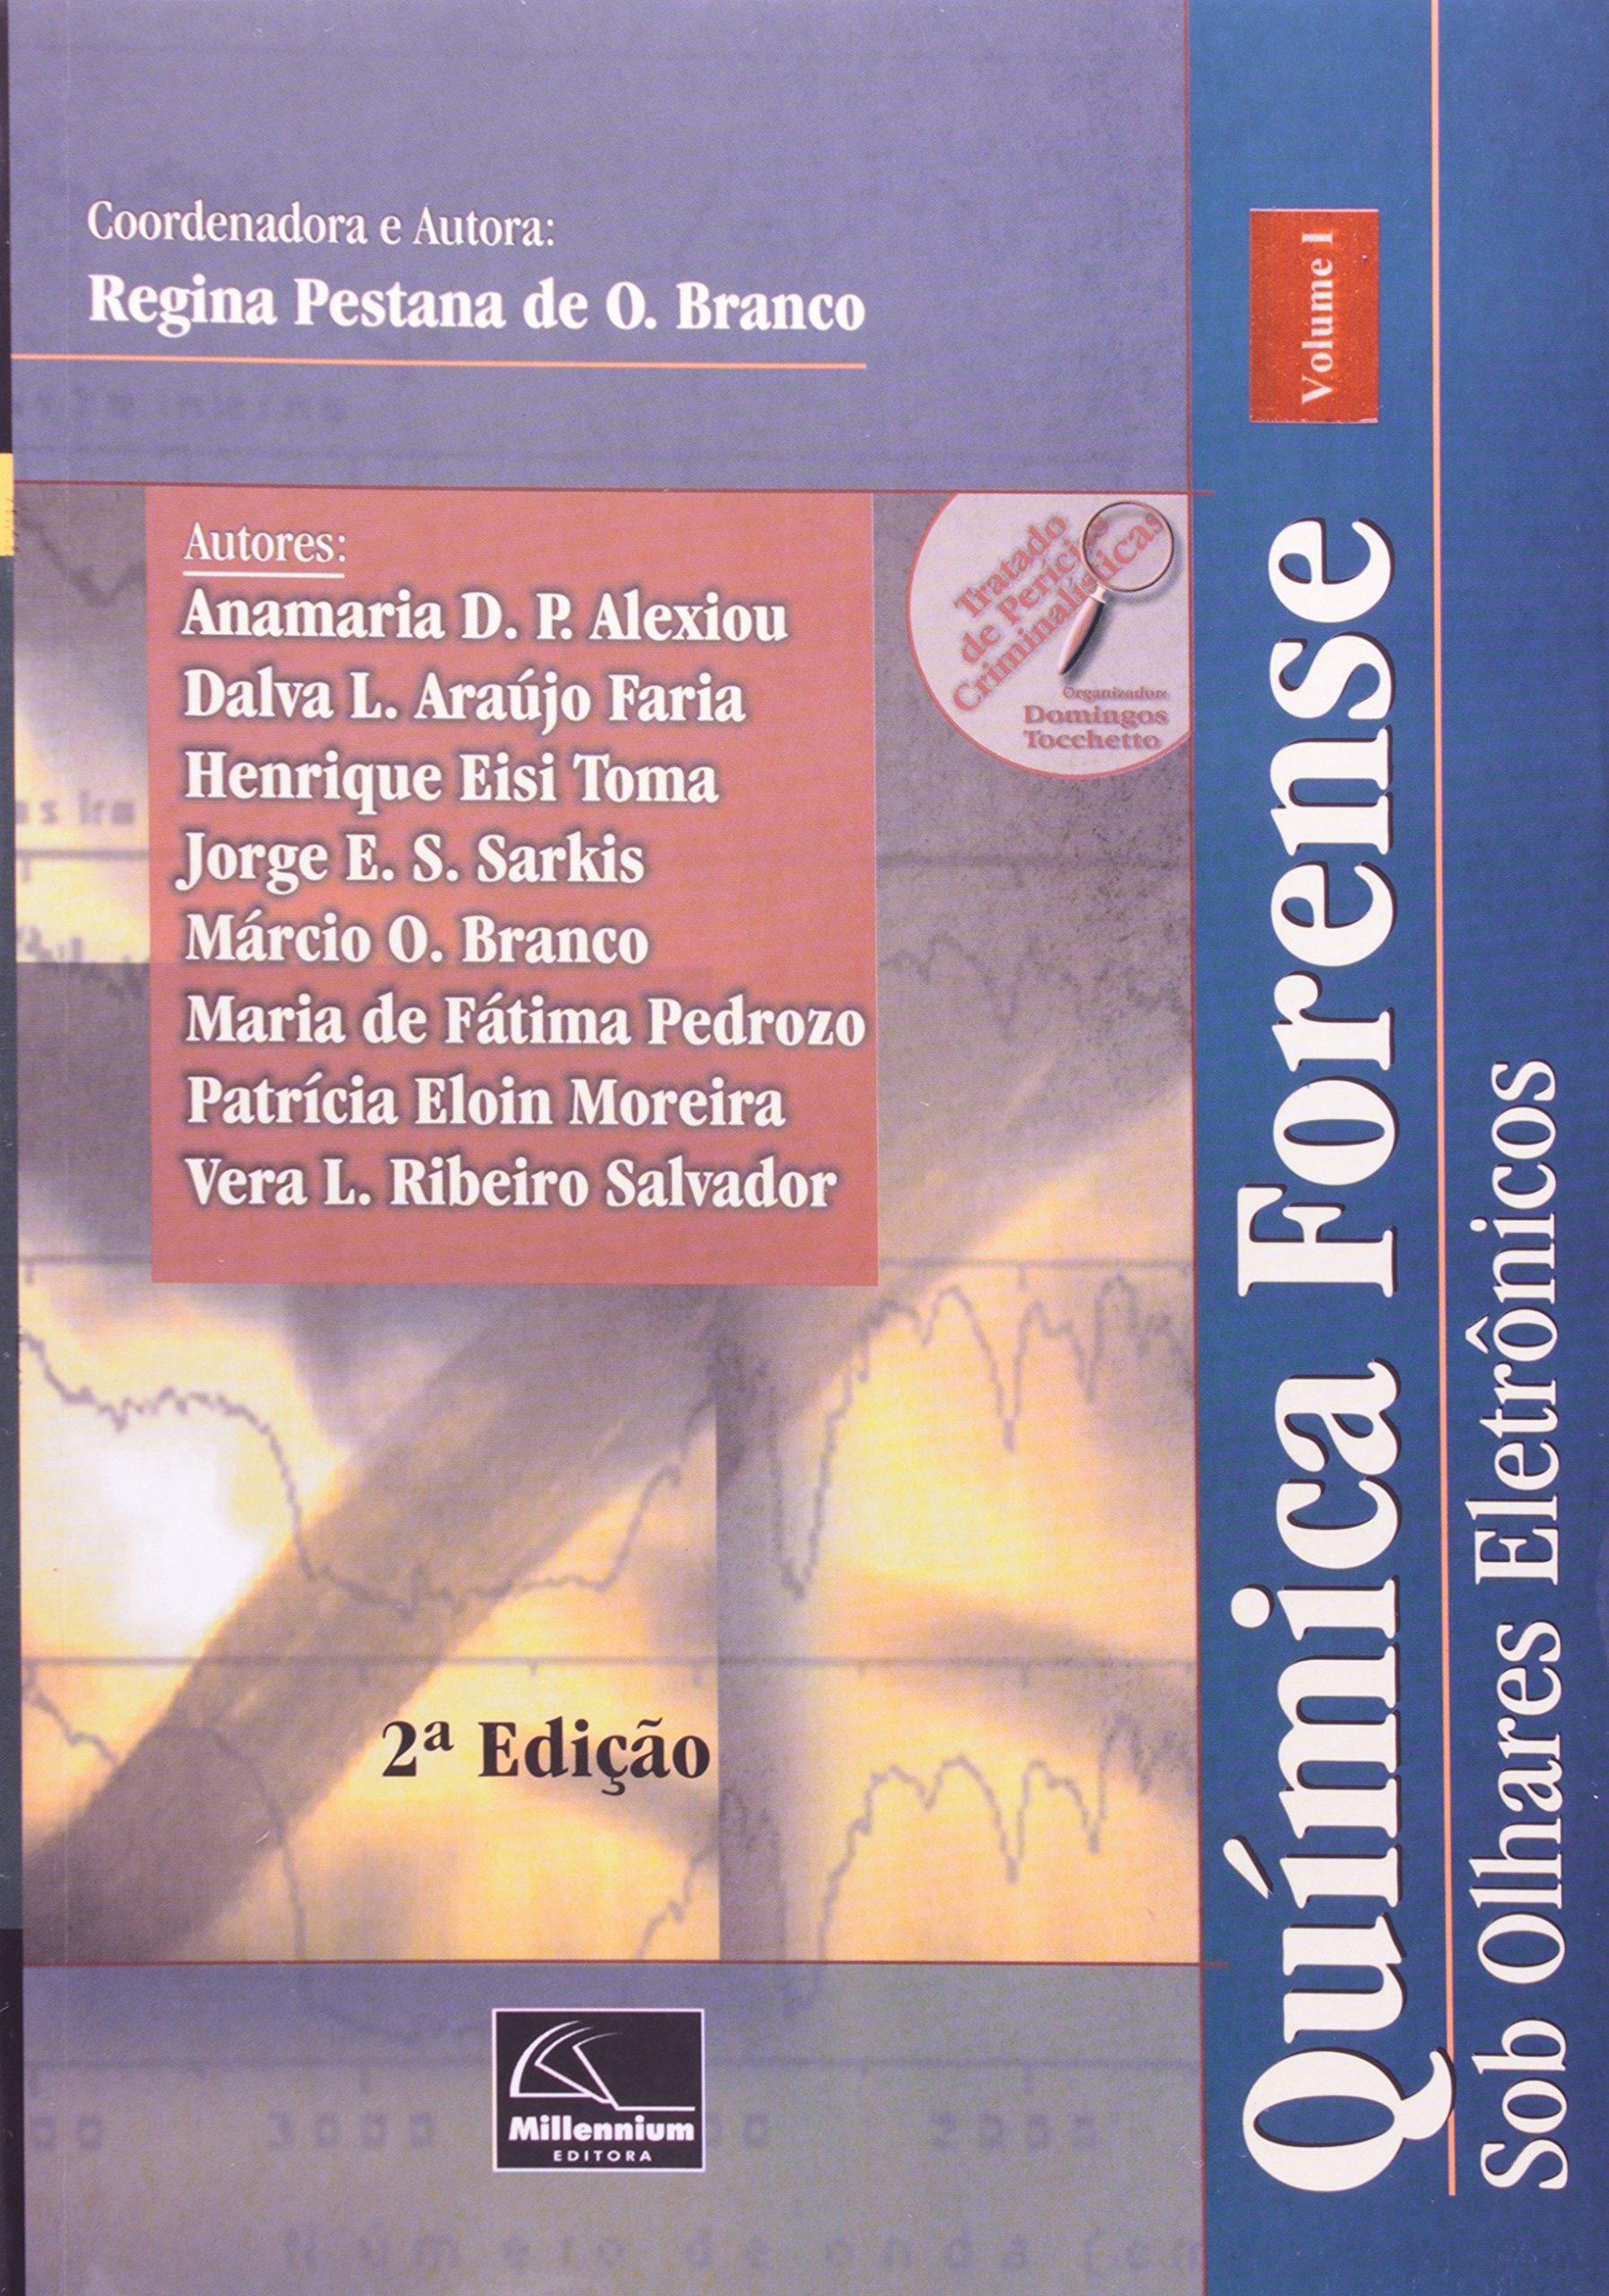 Imagem da obra: Quimica forense : sob olhares eletronicos - 2. ed. / 2013